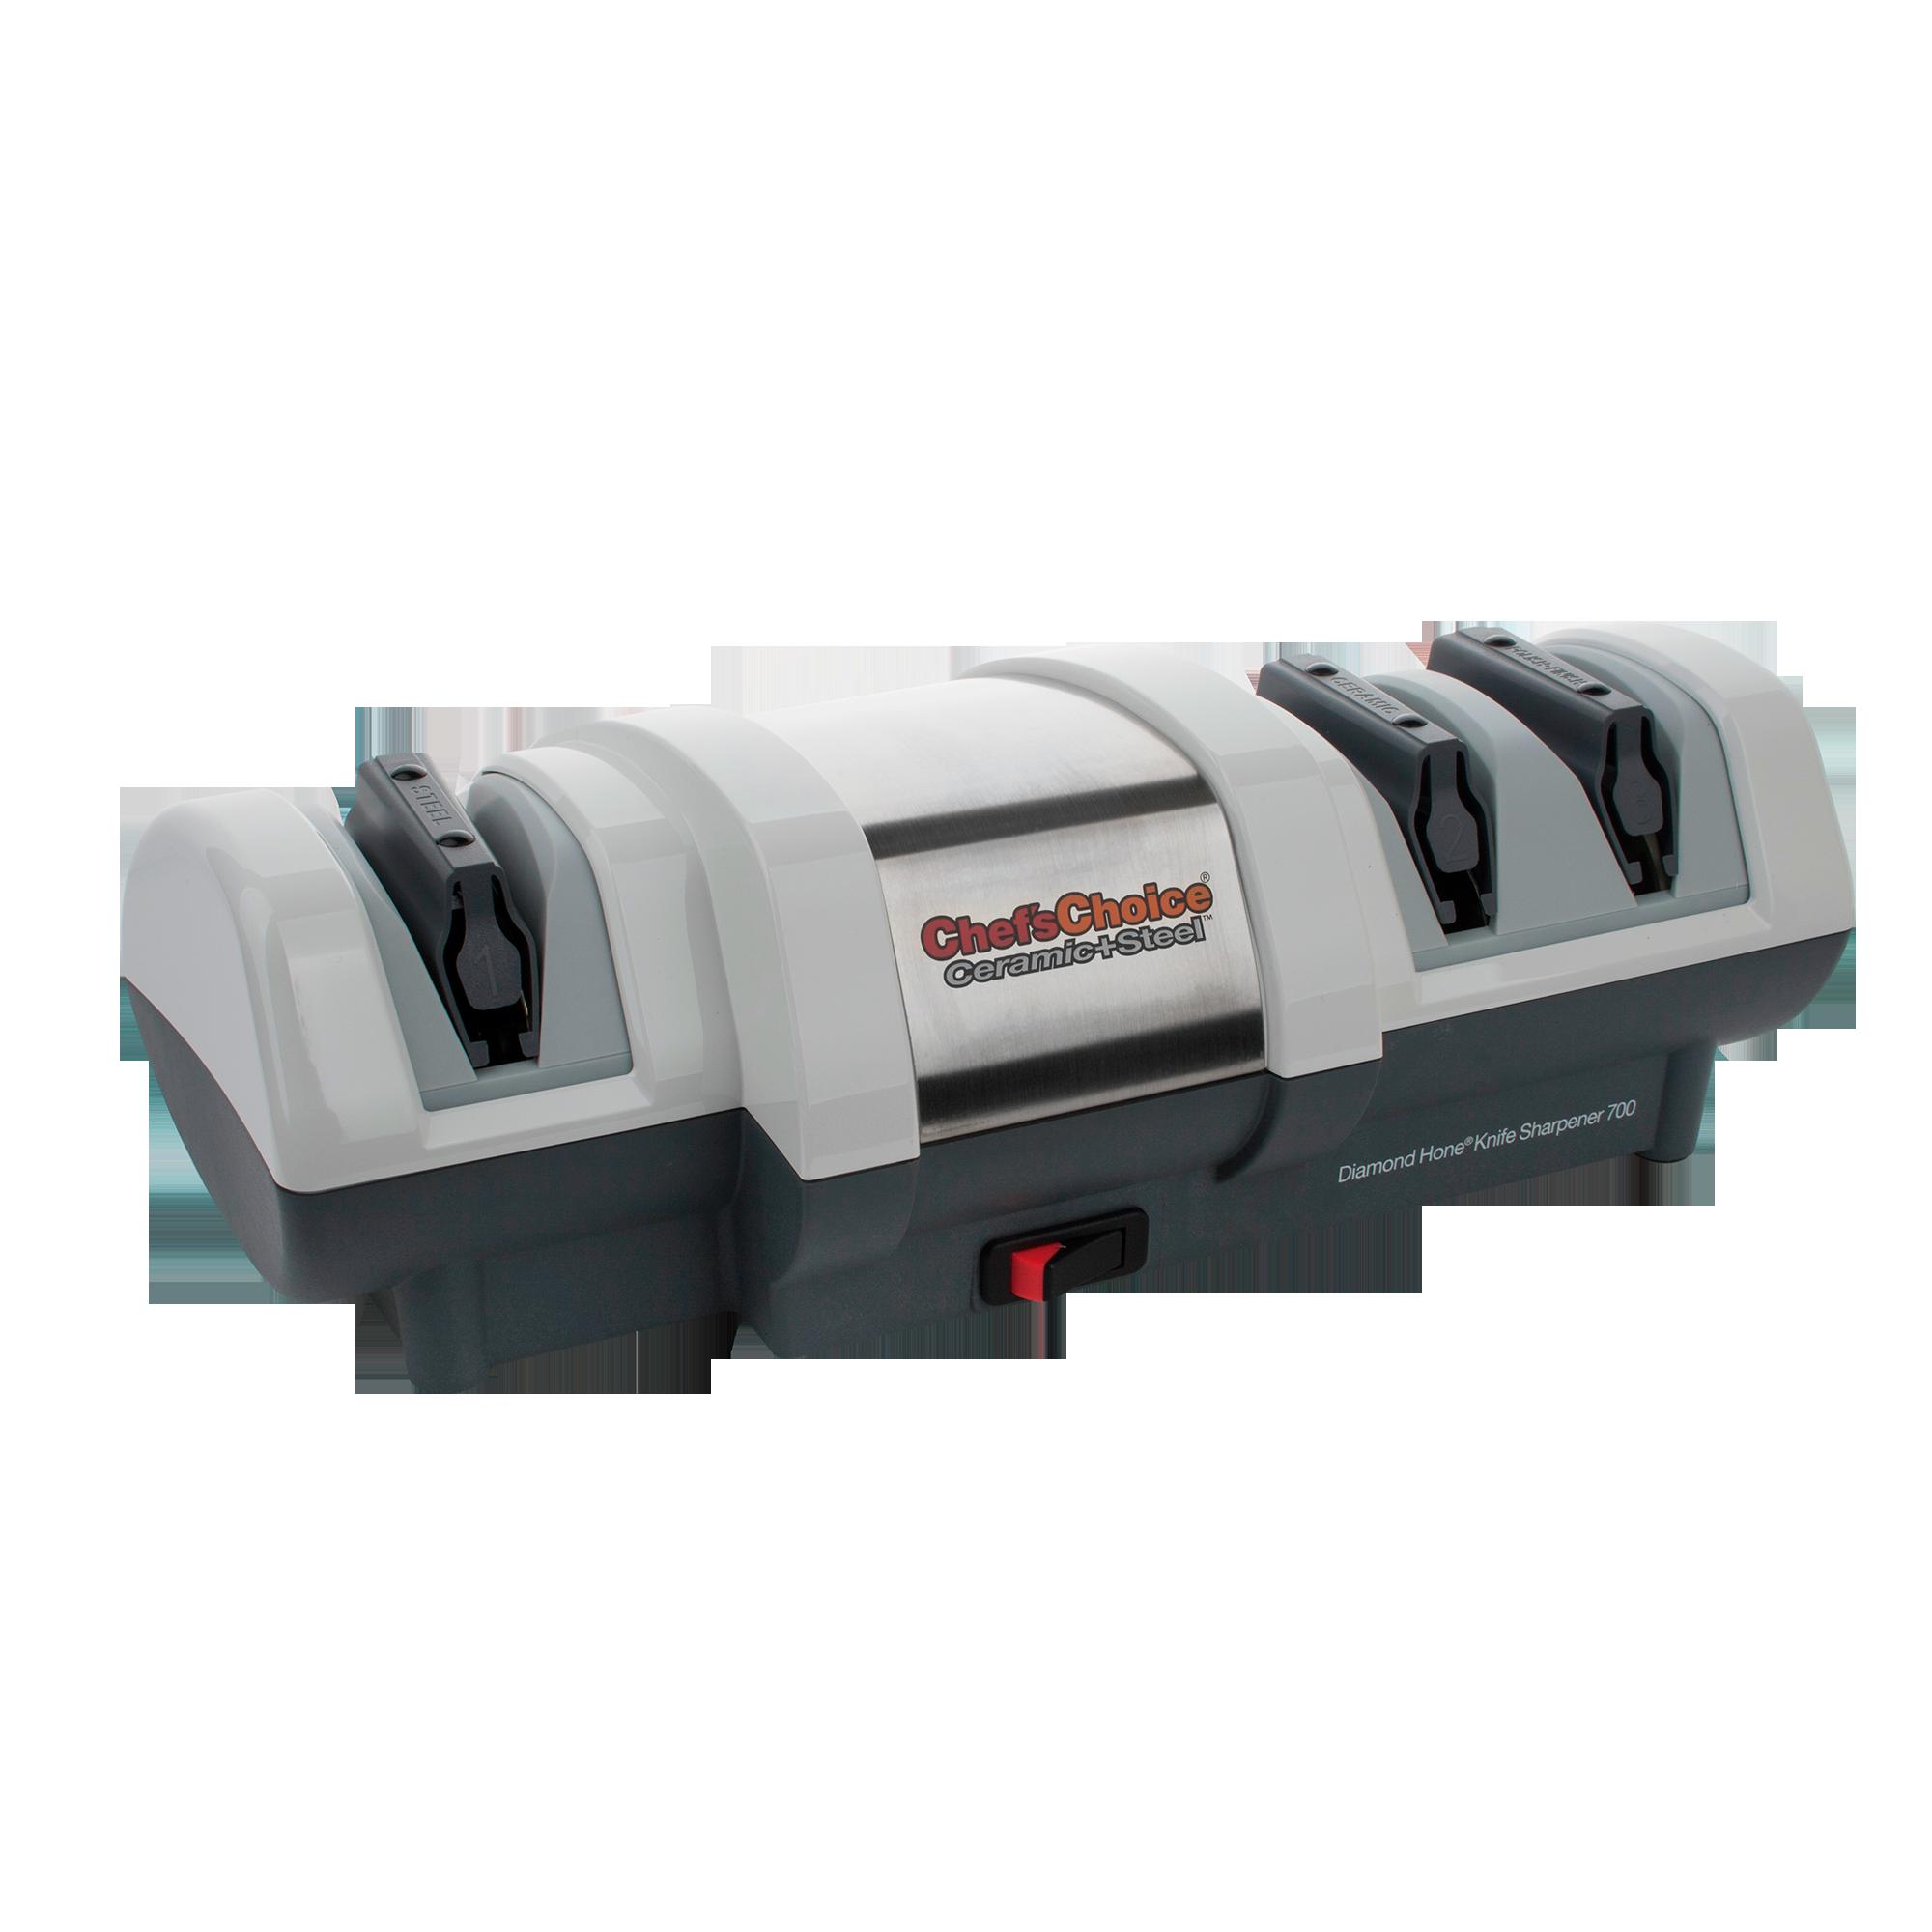 Электрический станок для заточки ножей Chef'sChoice CC700 электрический 3 х уровневый станок для заточки ножей cc2100